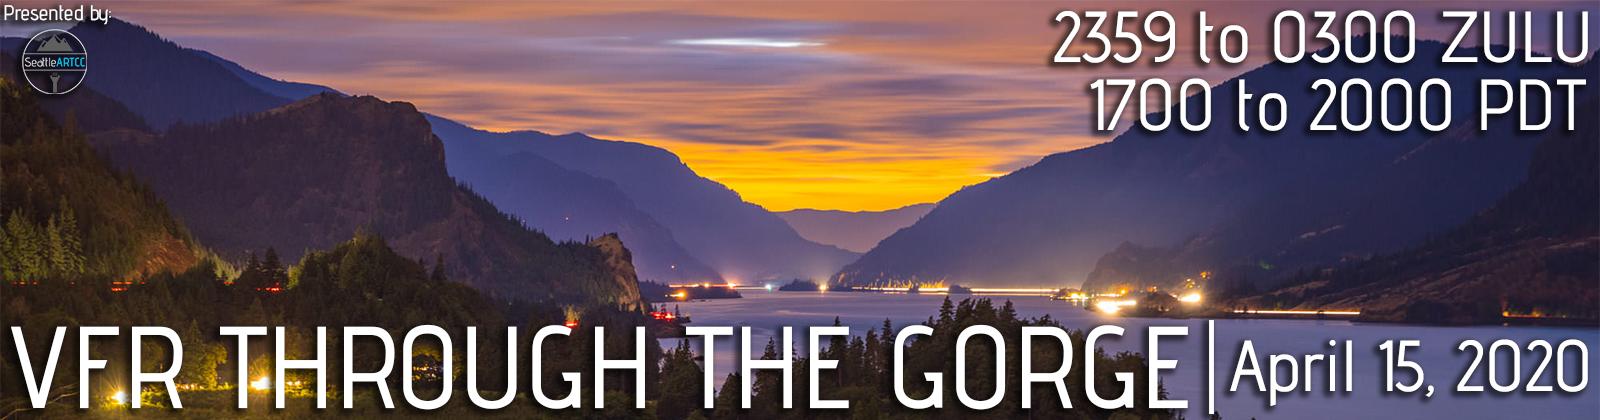 VFR through the Gorge